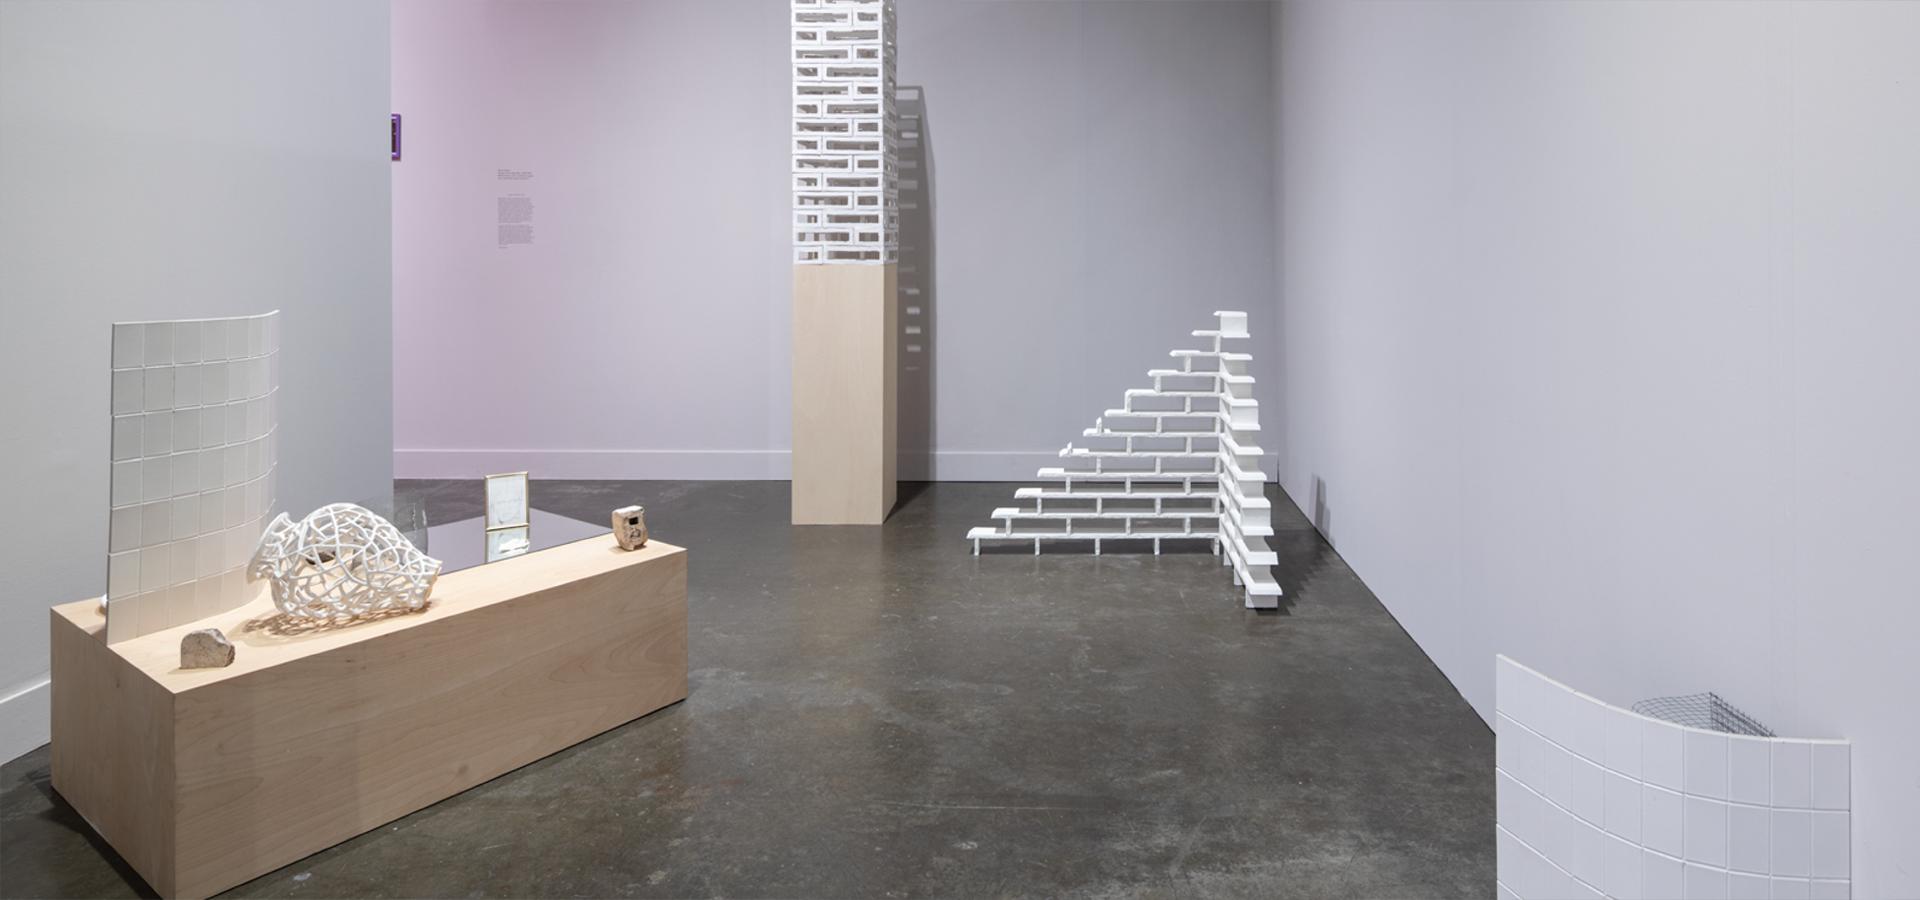 Installation by Kaori Yamashita